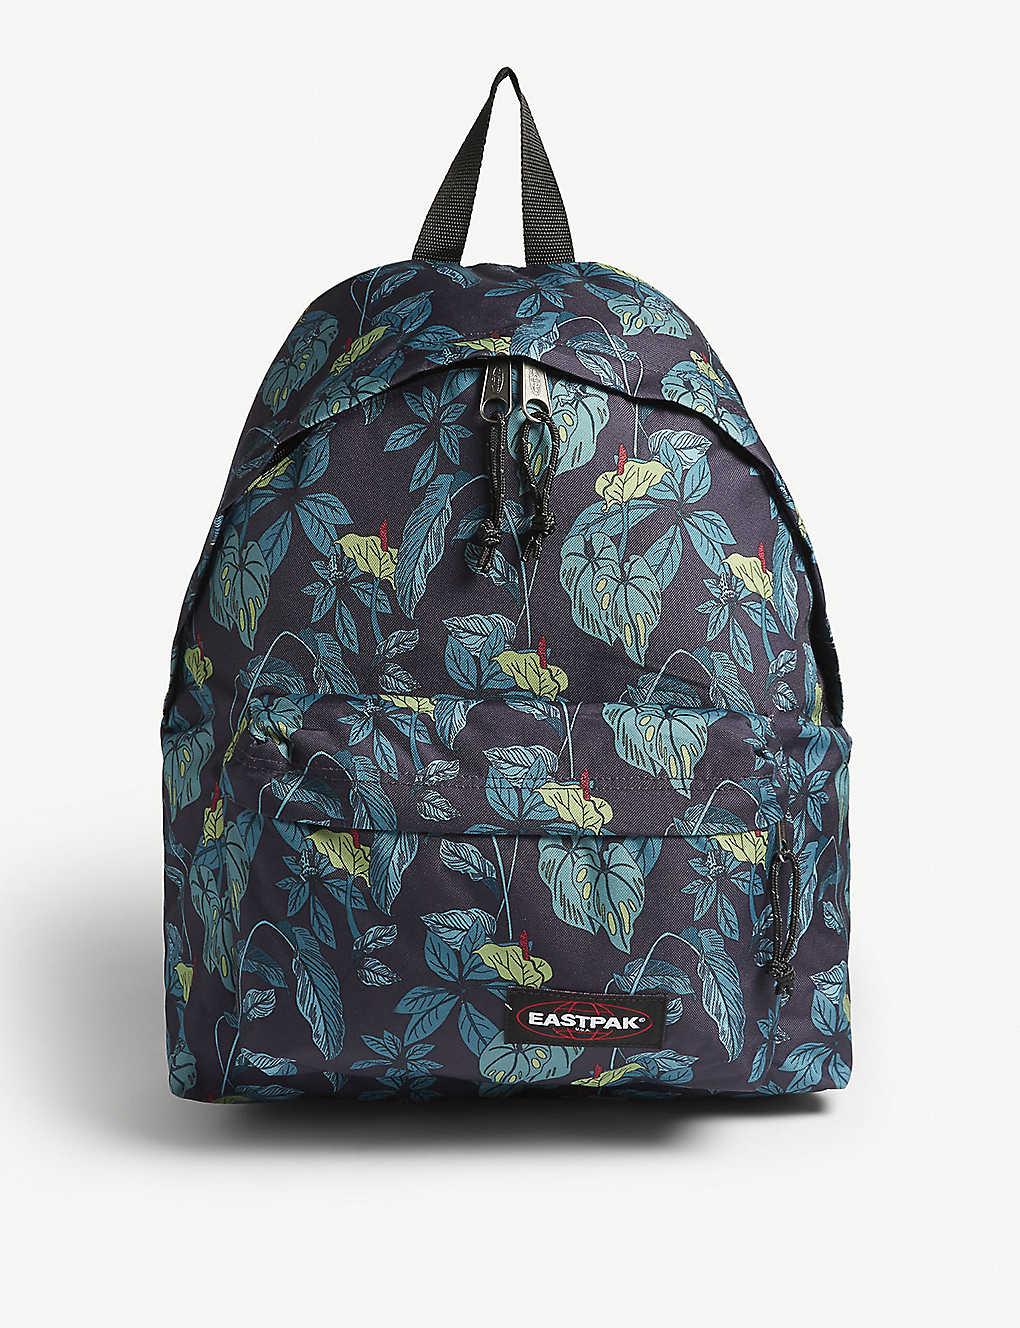 87e92675999 EASTPAK - Padded Pak'r backpack | Selfridges.com